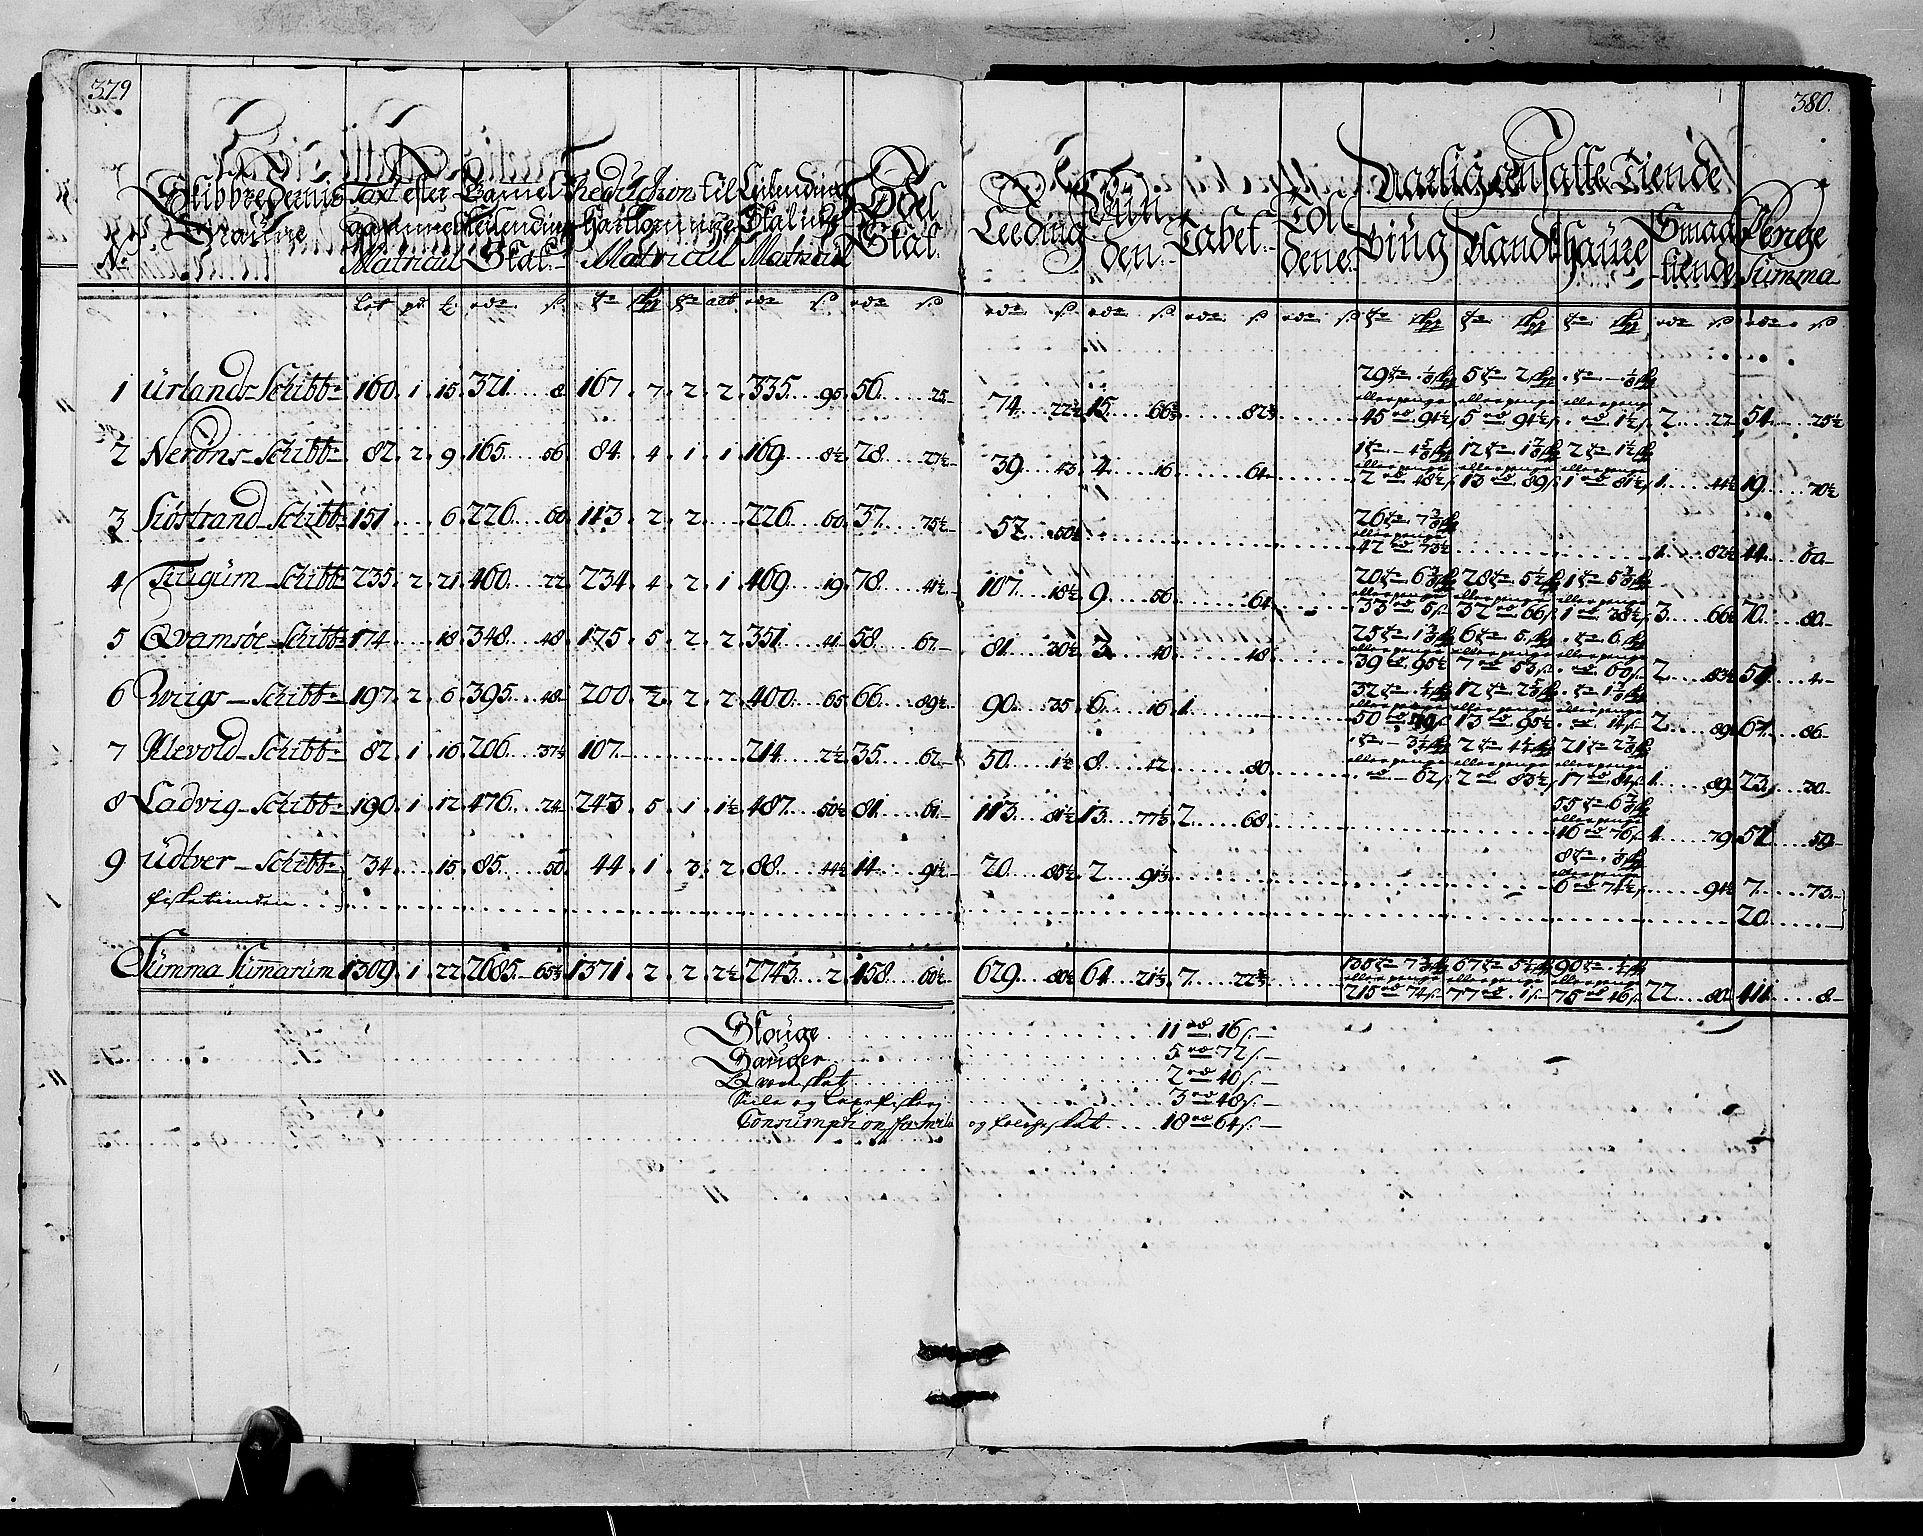 RA, Rentekammeret inntil 1814, Realistisk ordnet avdeling, N/Nb/Nbf/L0145: Ytre Sogn matrikkelprotokoll, 1723, s. 379-380